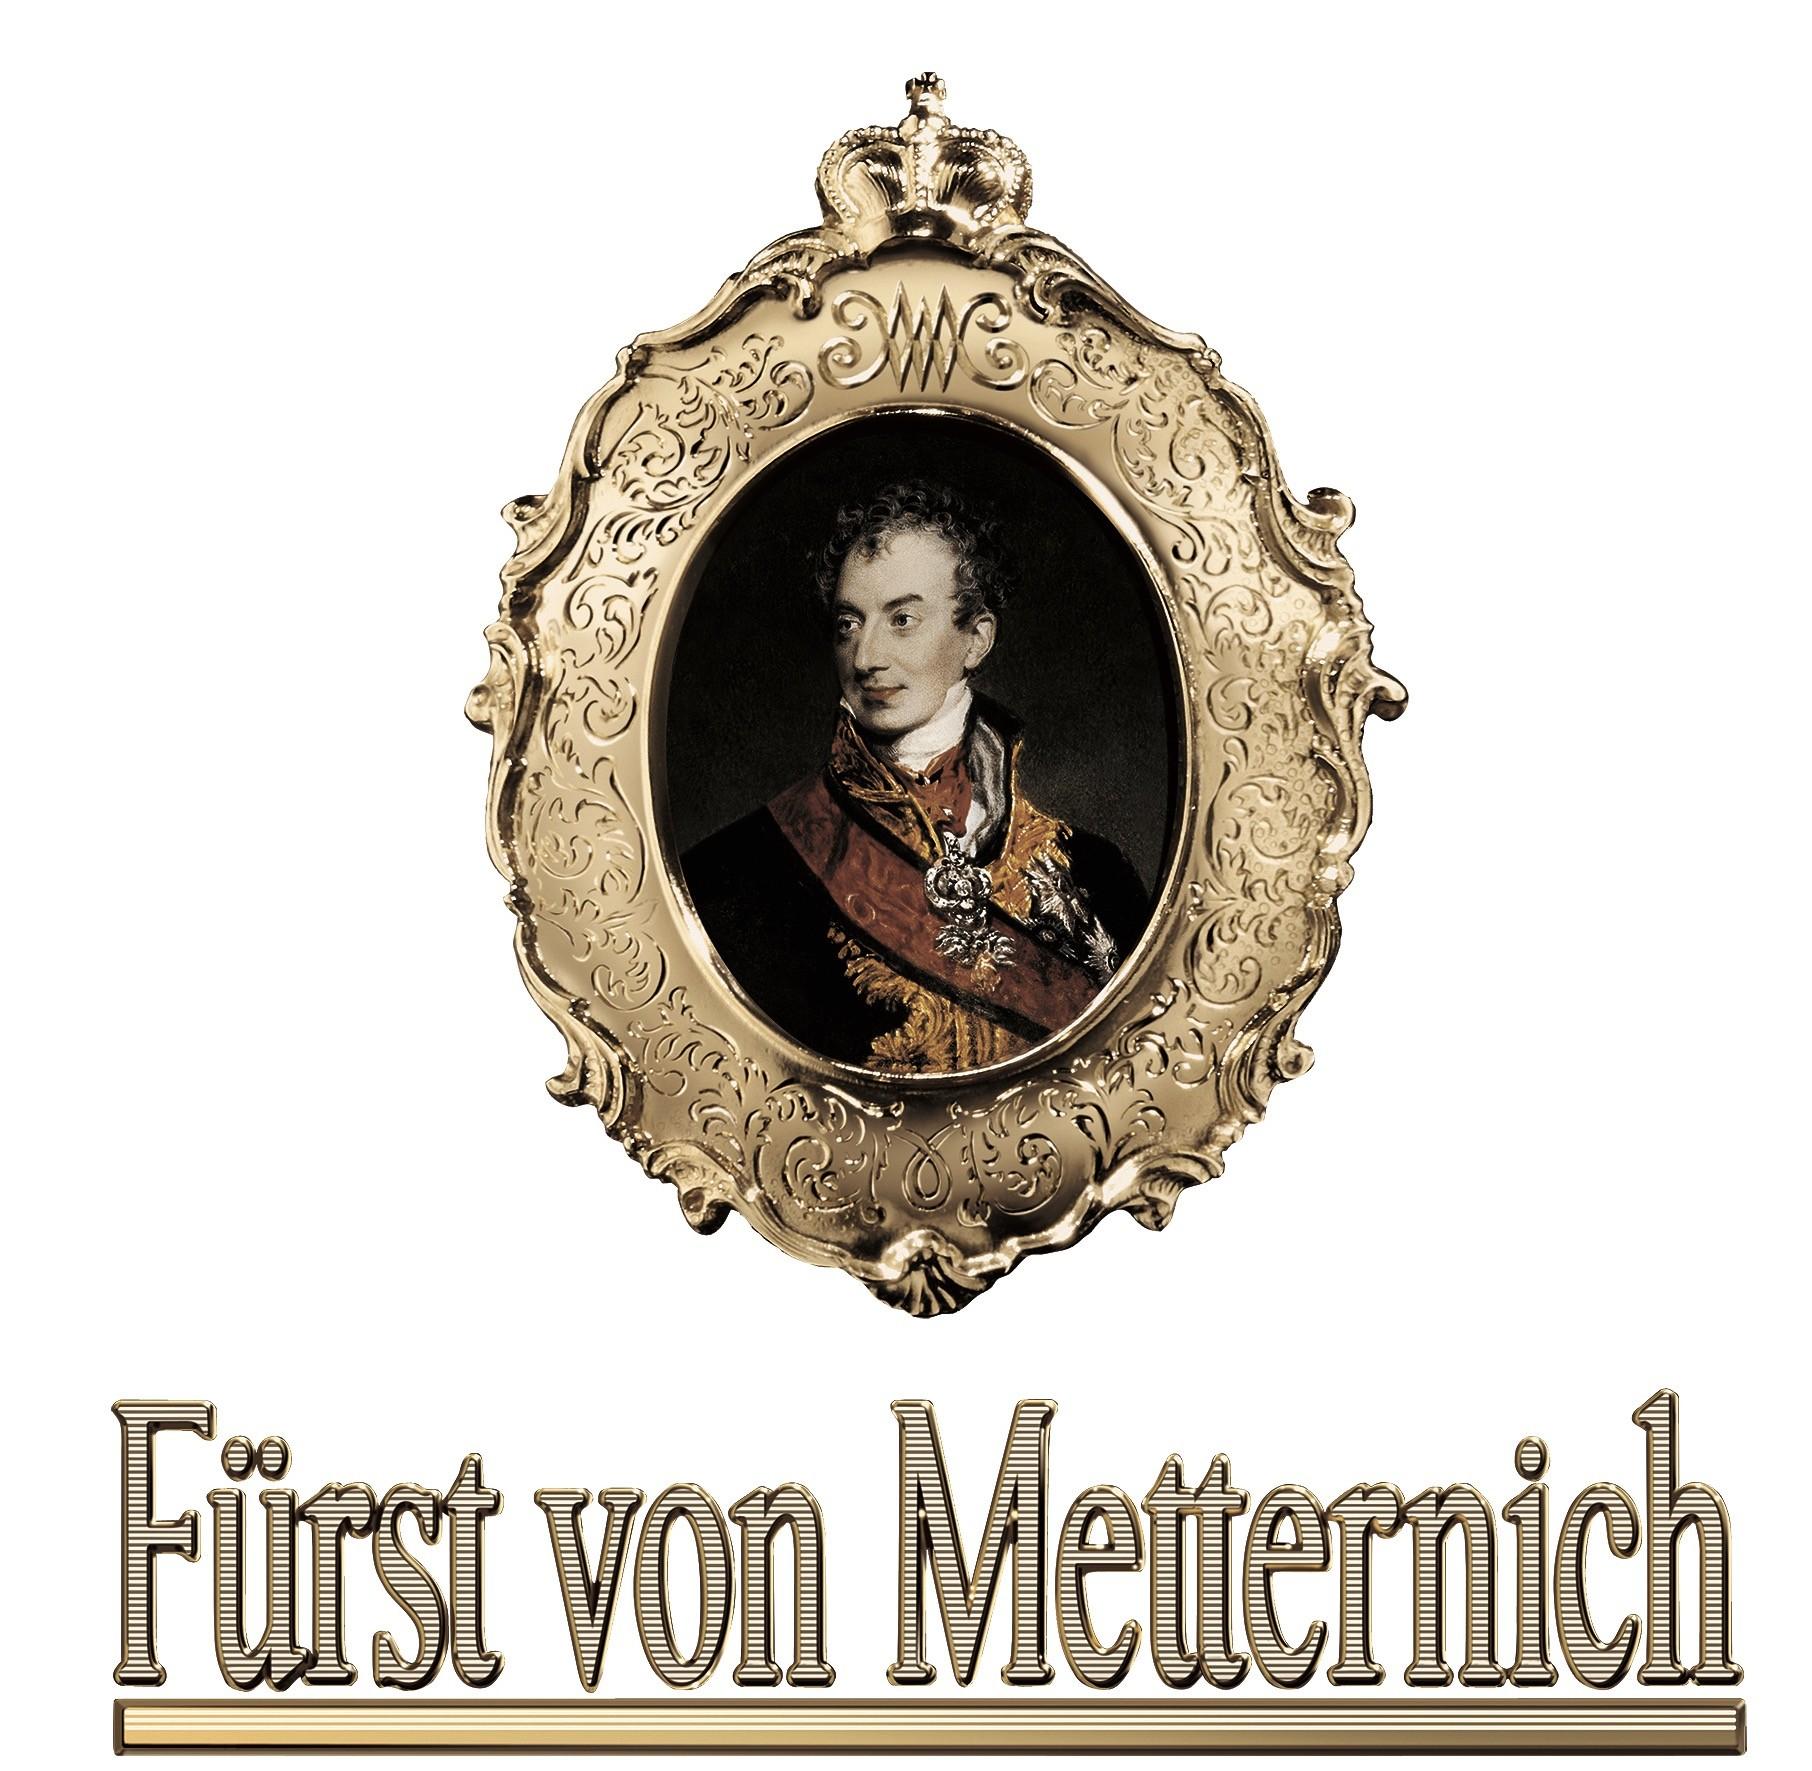 Fürst von Metternich Logo